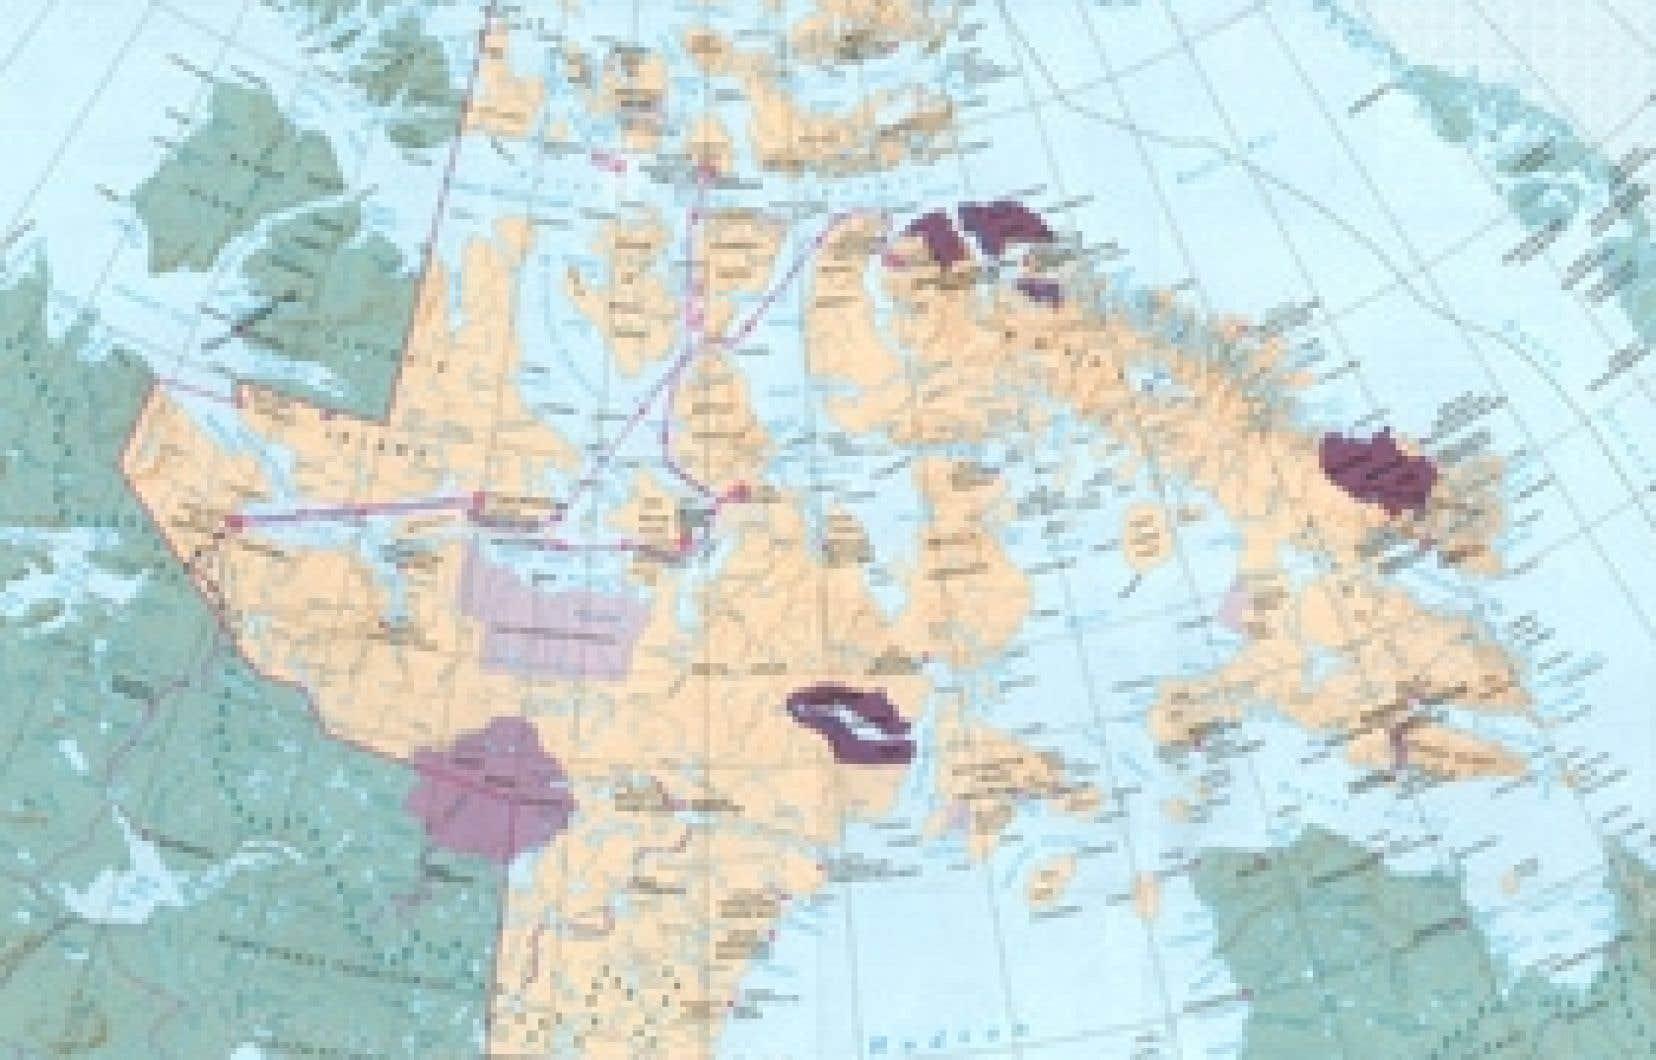 L'été dernier, le navire Camilla Desgagnés s'est aventuré en plein coeur de l'Arctique pour aller livrer pour la première fois 5000 mètres cubes de marchandises dans quatre villages du Nunavut. Le bateau a suivi le trajet représenté par la